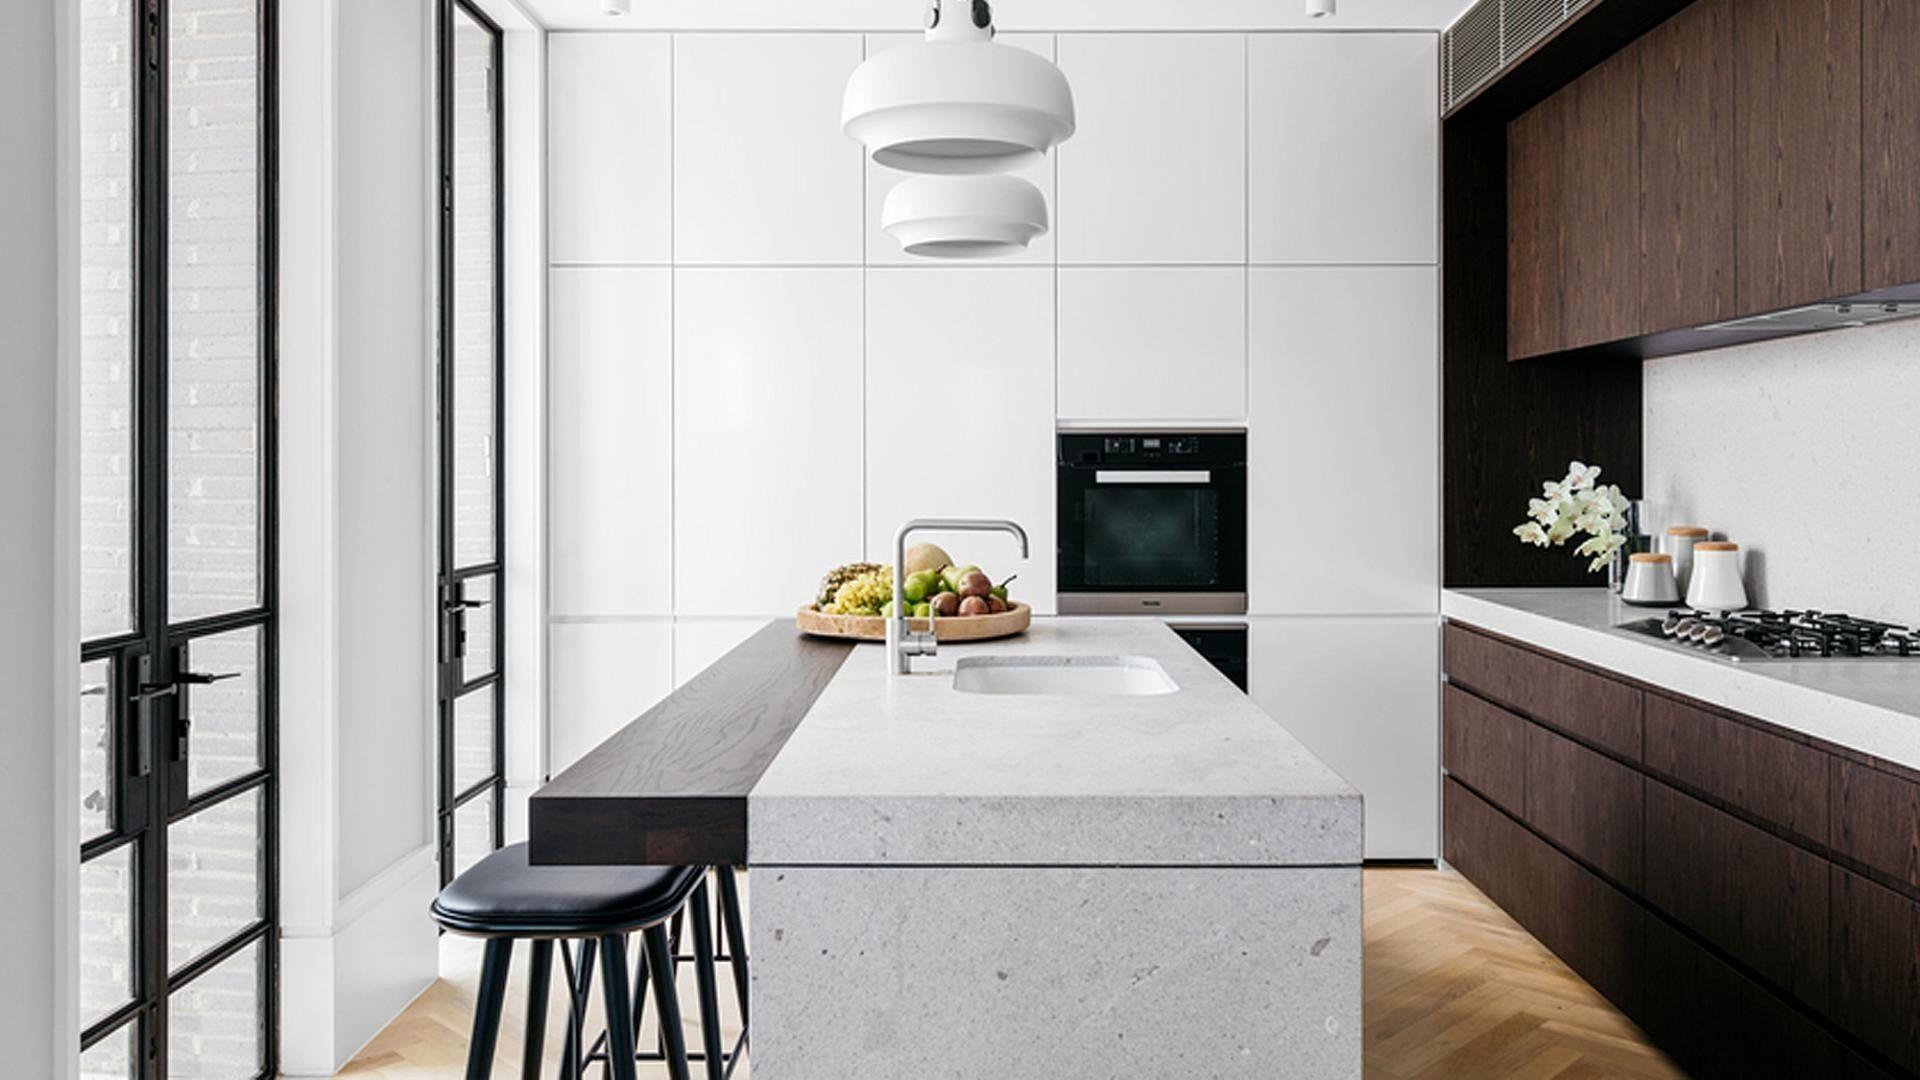 Kitchen Ideas Australia 2018.Australian Kitchen Ideas Luxury Best Kitchen Designs Australia